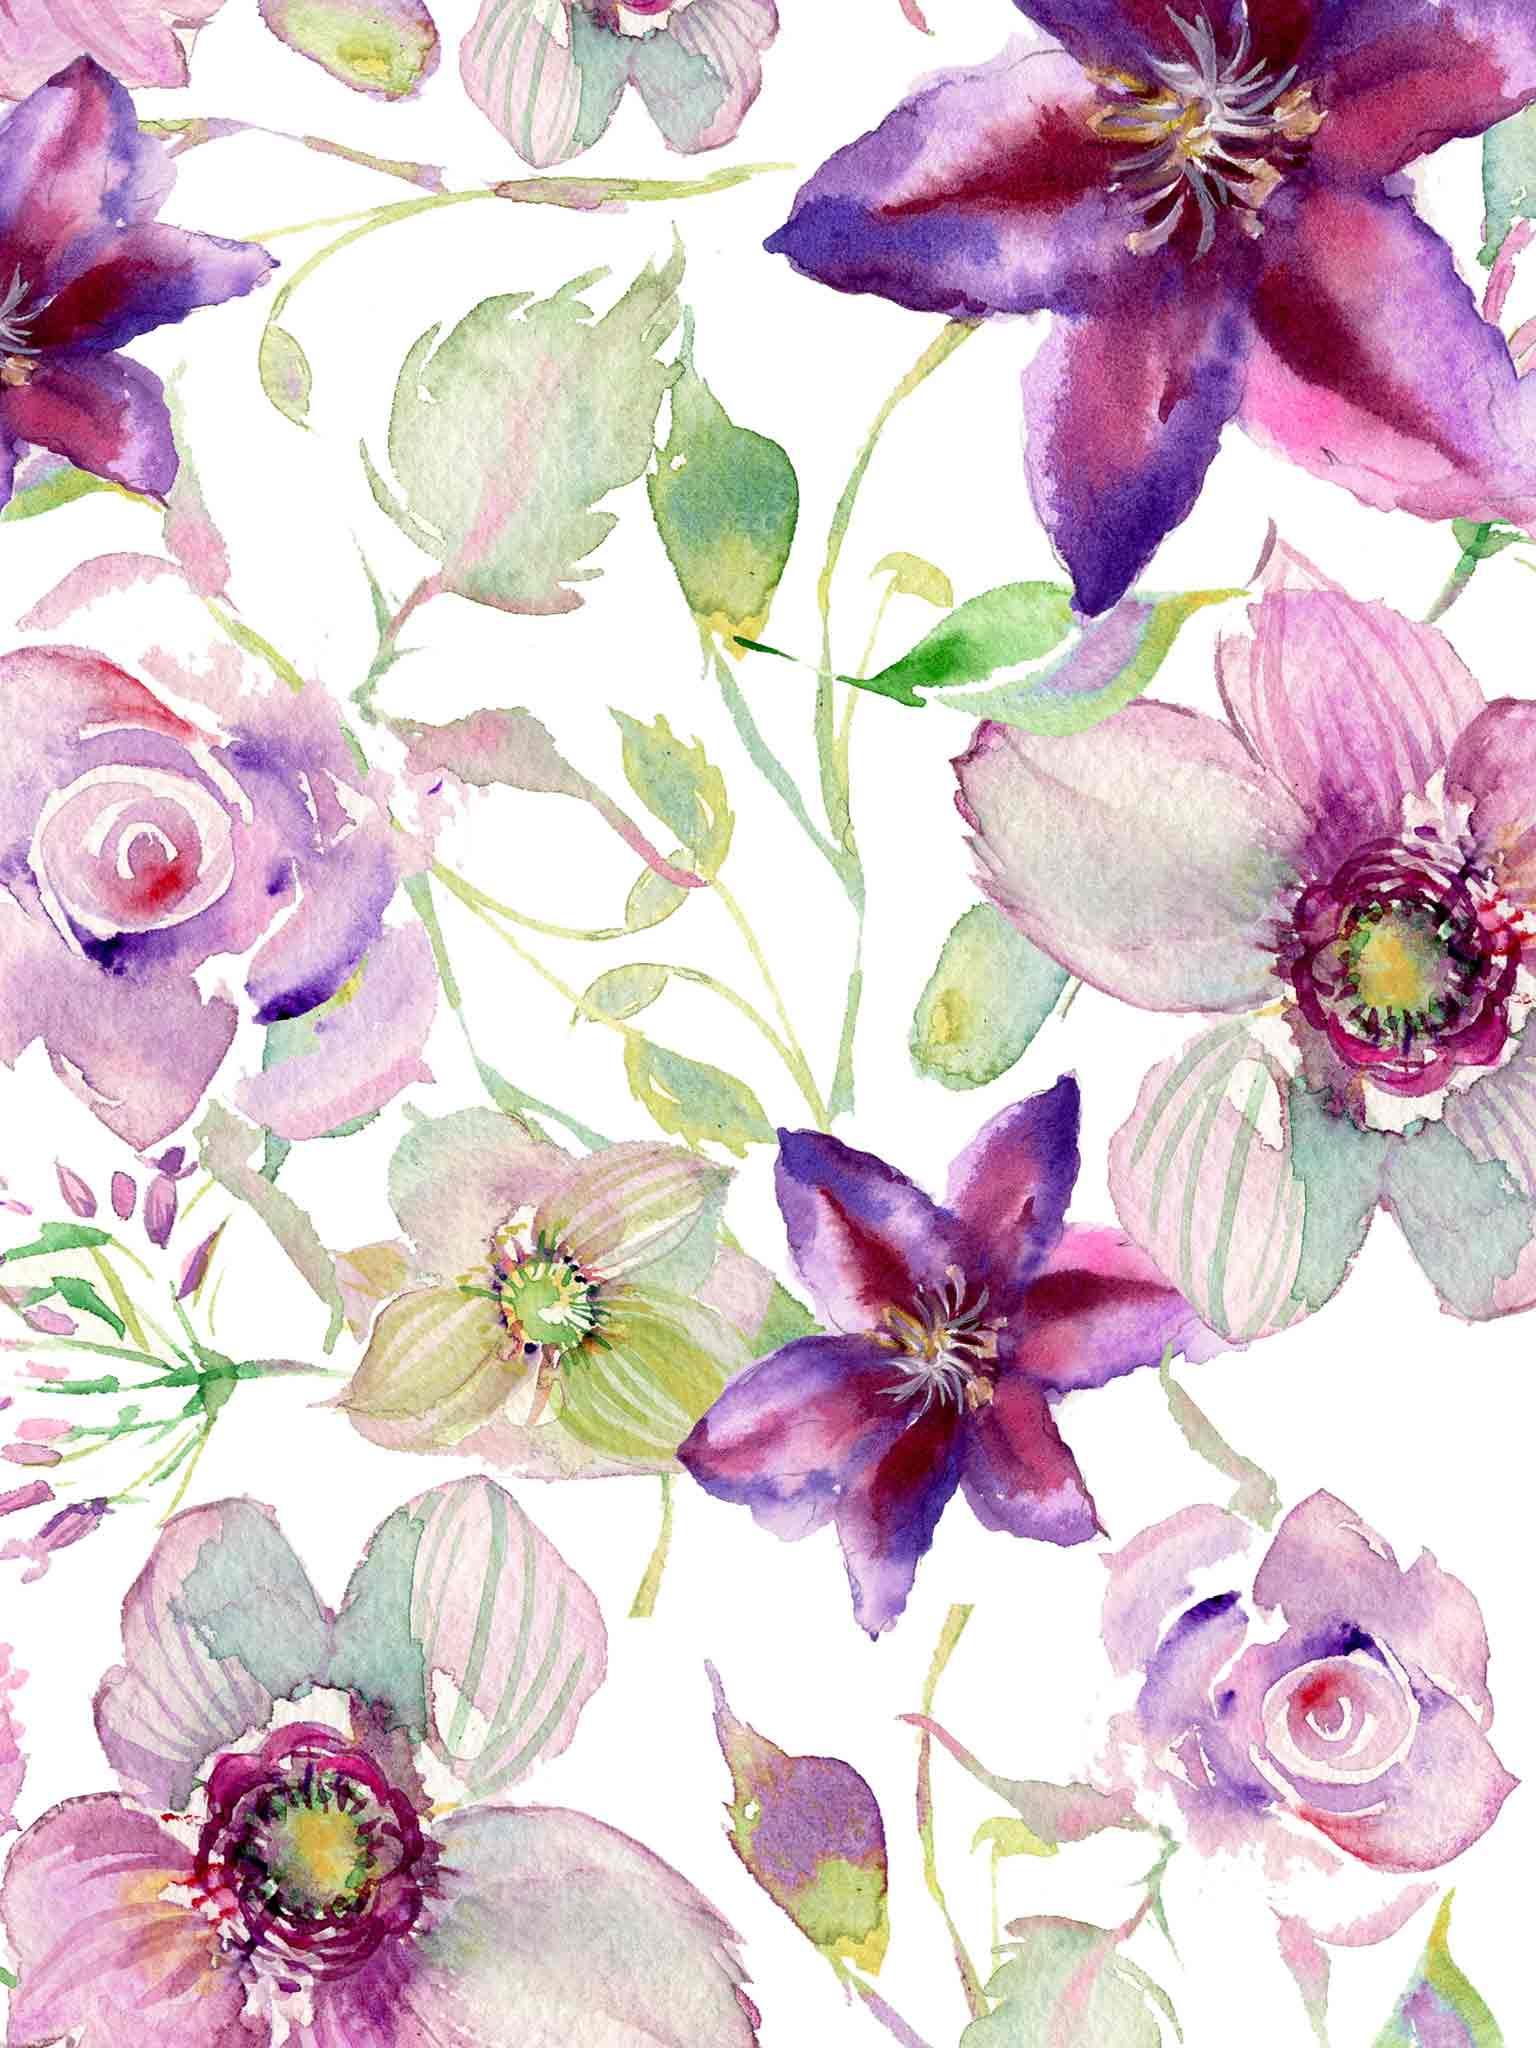 Watercolor Wallpaper And Lock Screen Downloadsmomental Designs